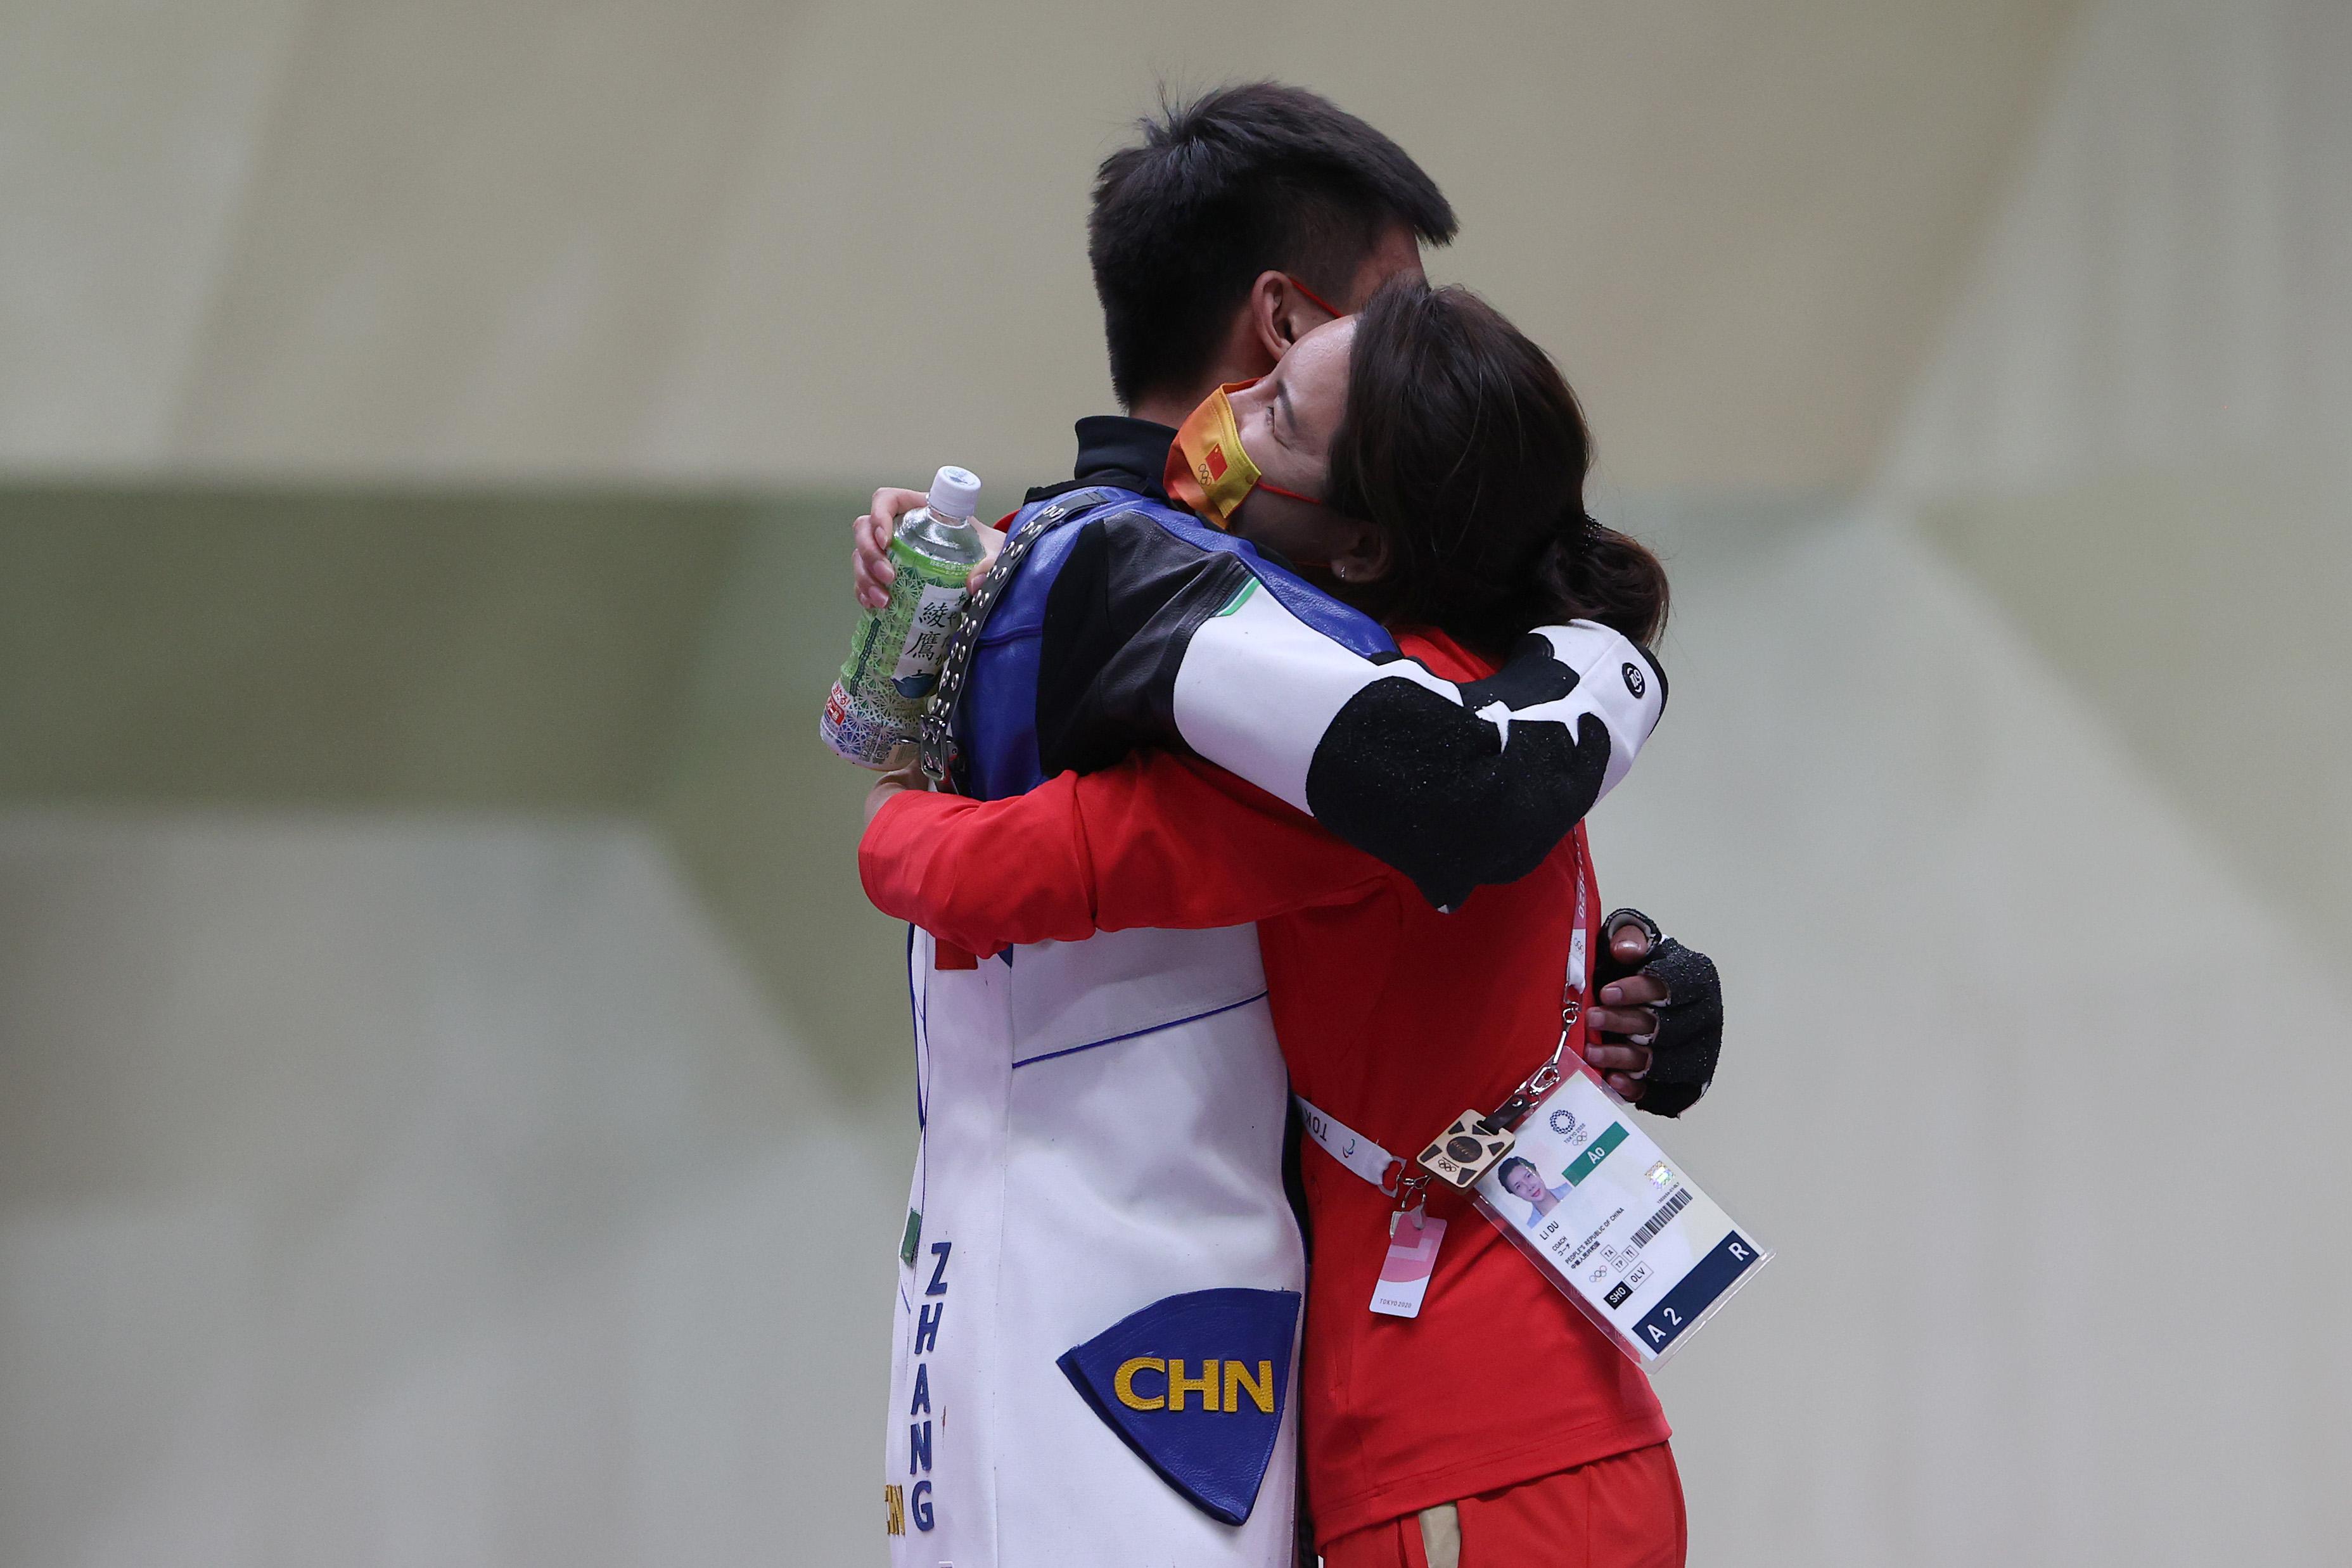 张常鸿和杜丽拥抱。